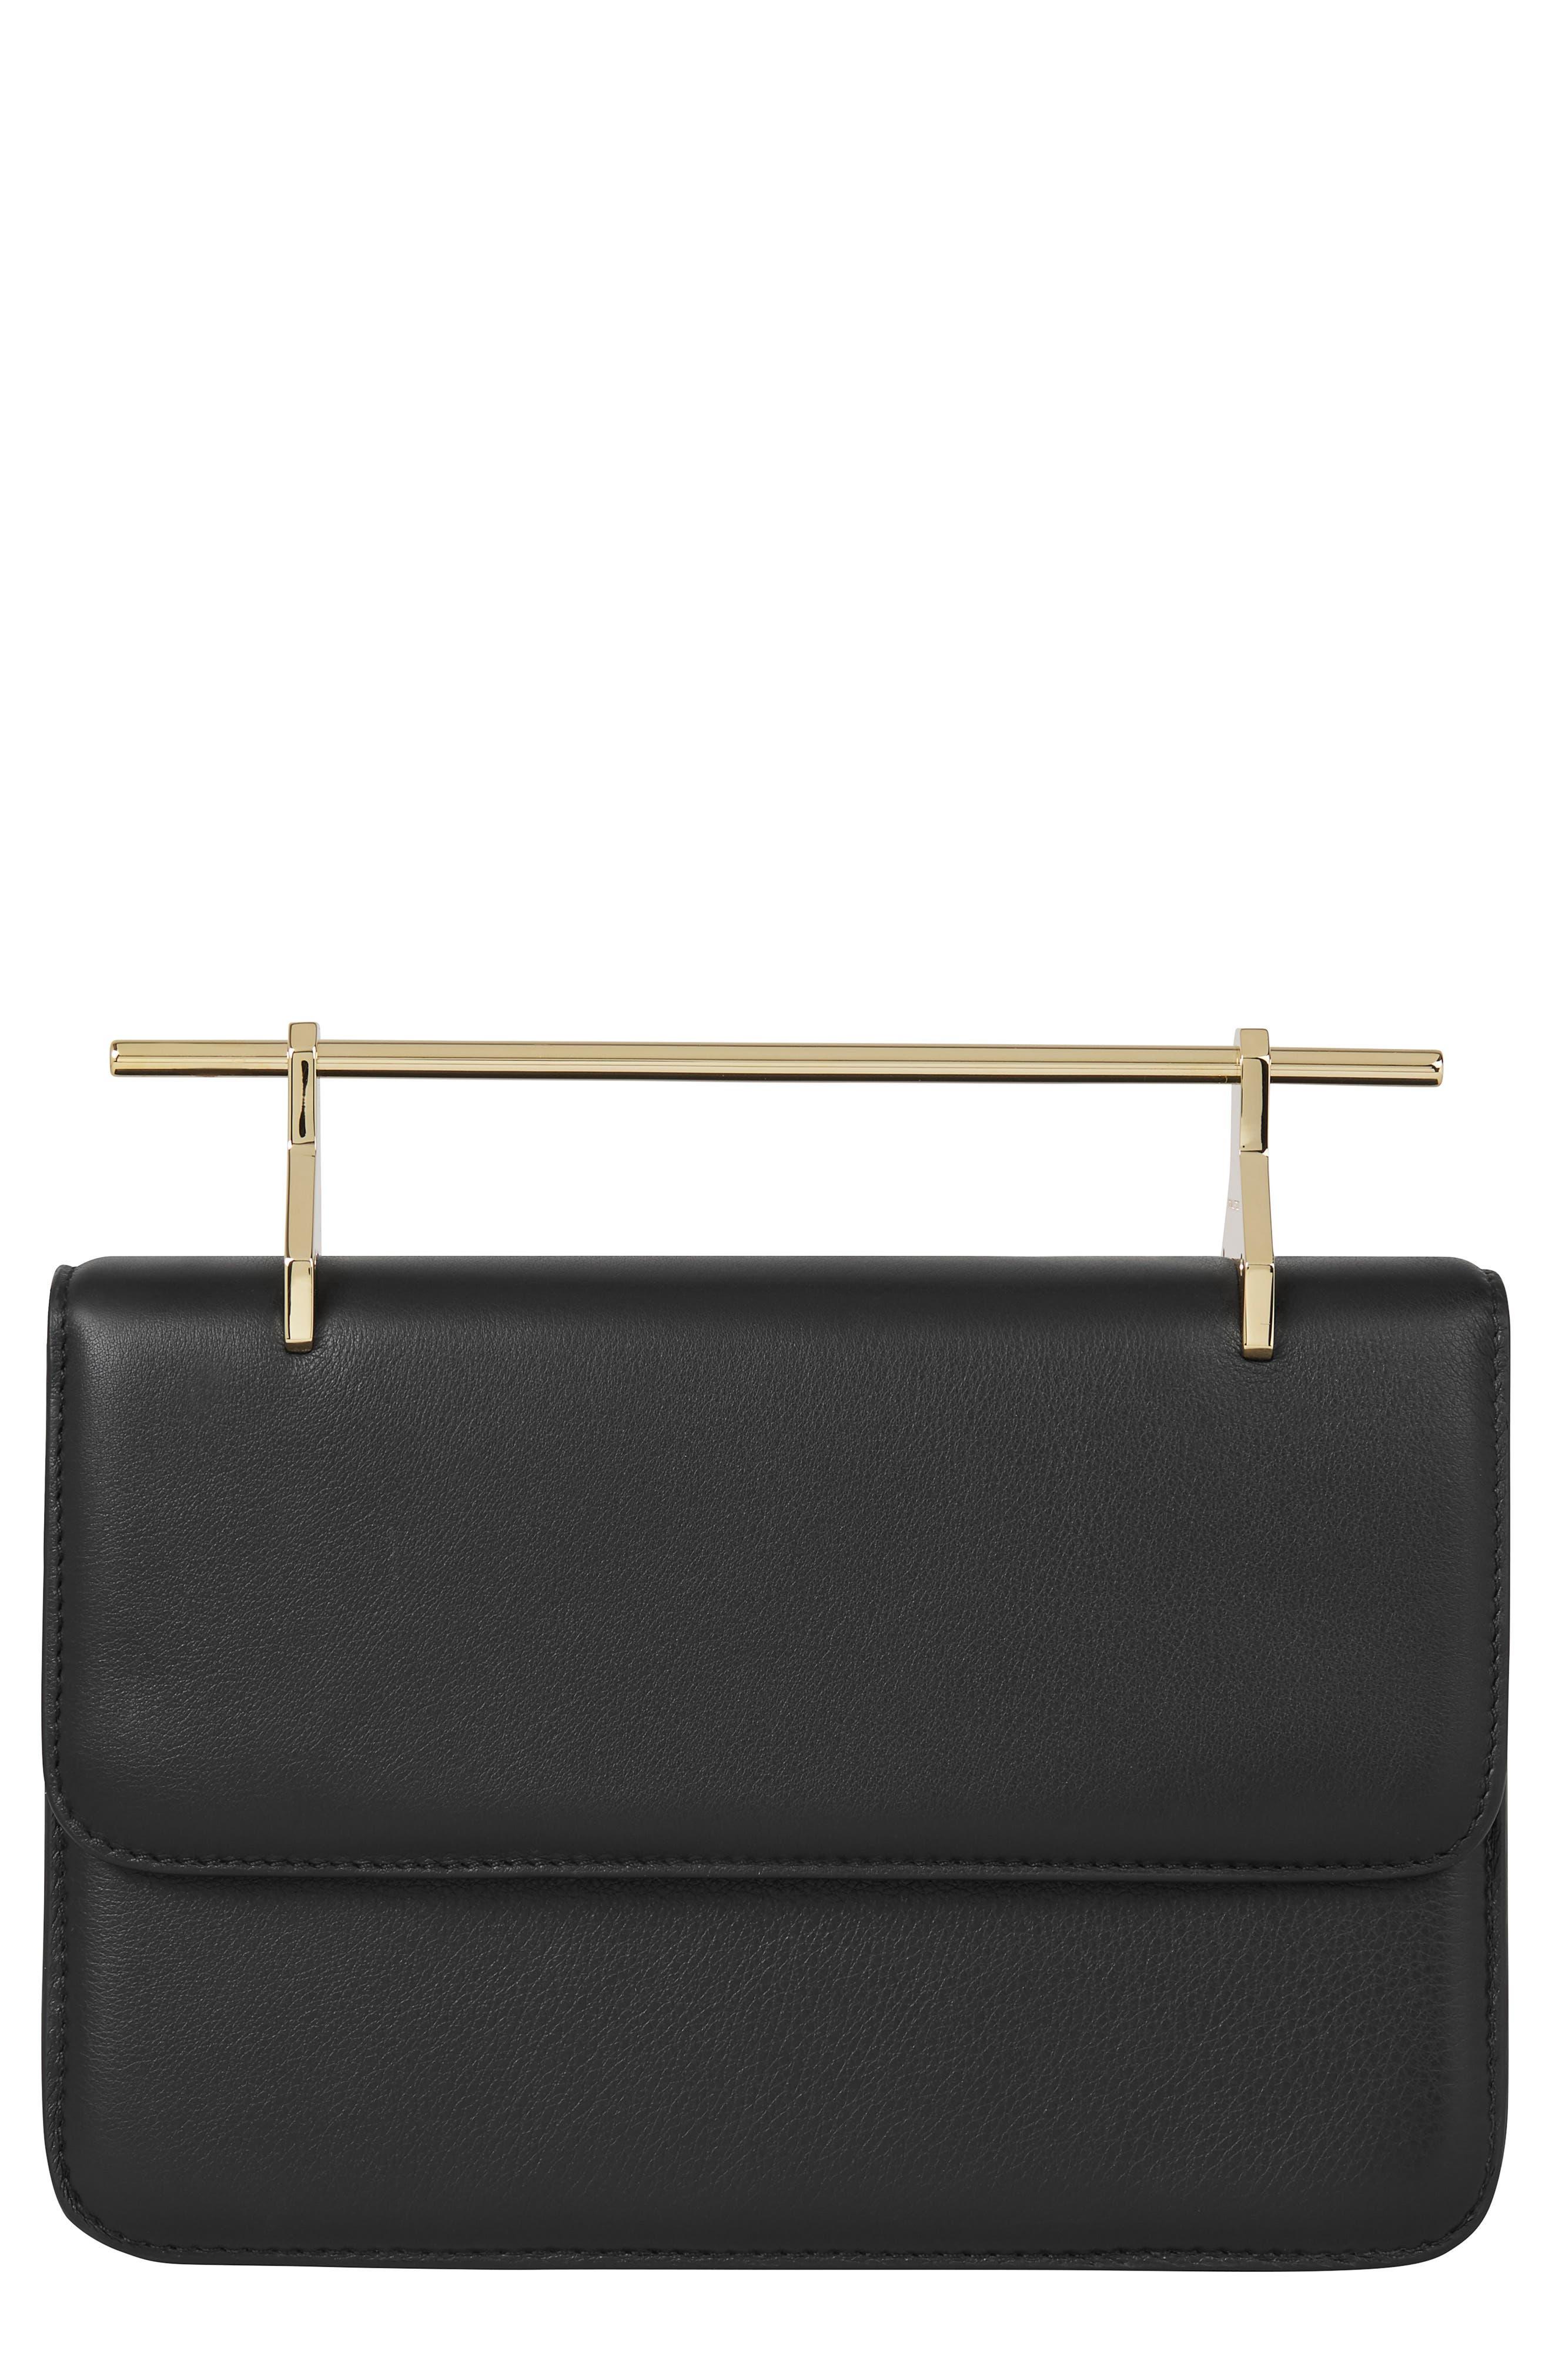 La Fleur du Mal Leather Shoulder Bag,                         Main,                         color, BLACK/ GOLD